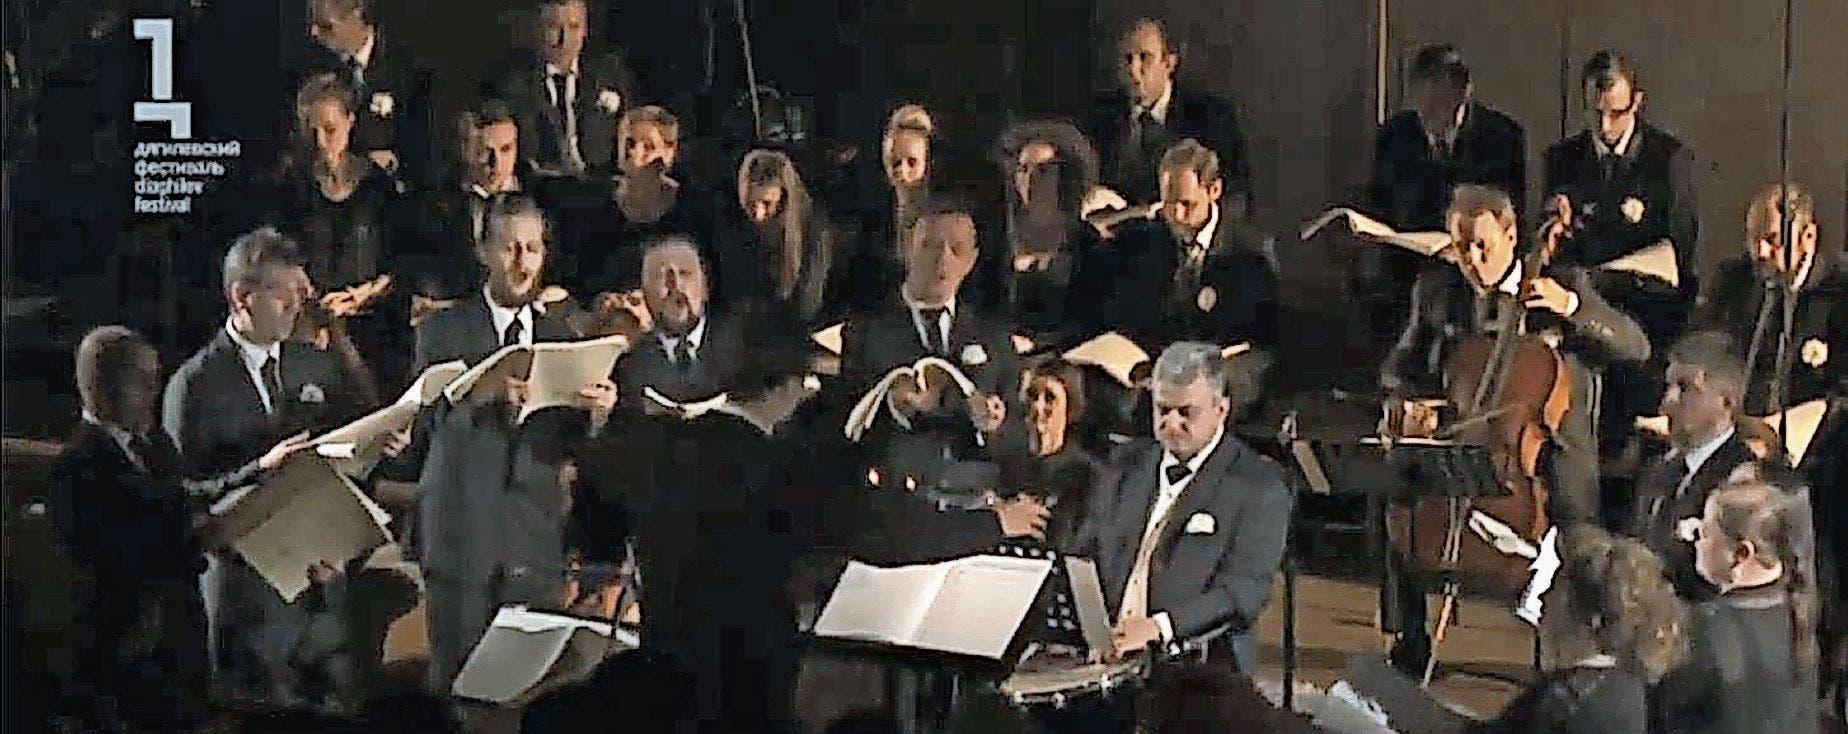 Teodor Currentzis tanzt vor seinem Orchester (unten) als Dirigent Tango im Einführungsvideo zu «Tristia» auf dem Youtube-Kanal von Lucerne Festival.